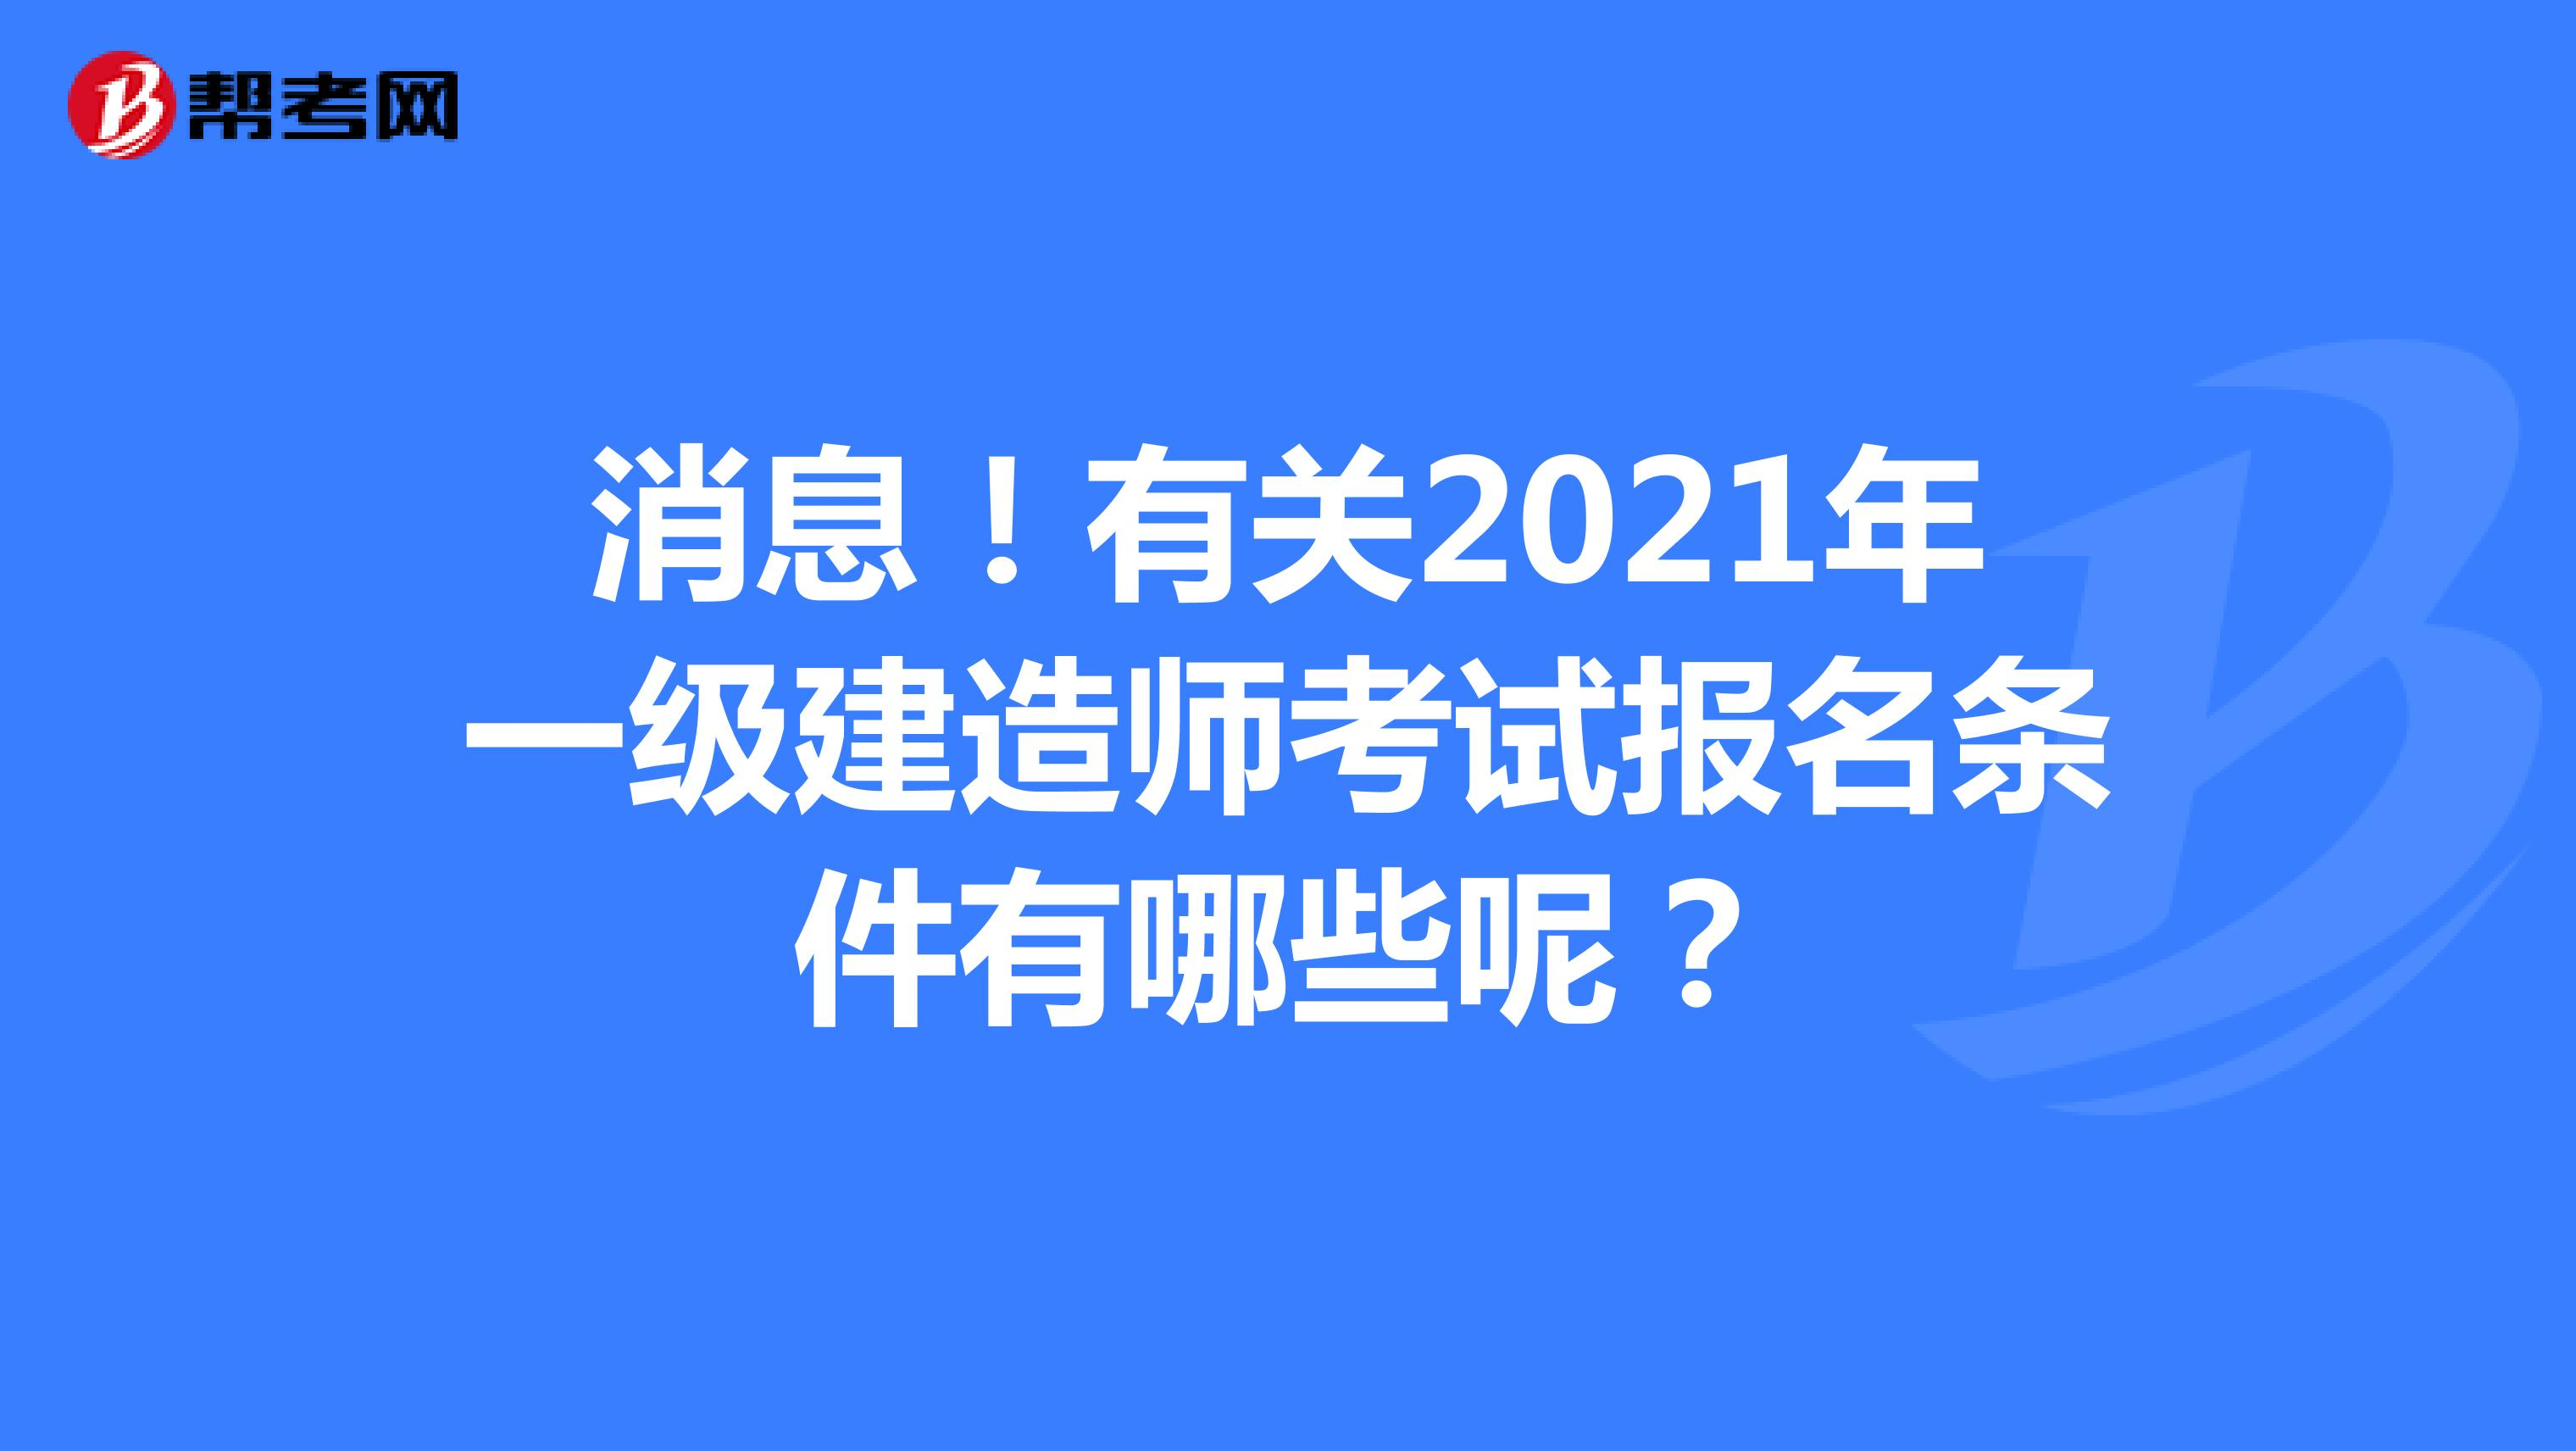 消息!有关2021年一级建造师考试报名条件有哪些呢?